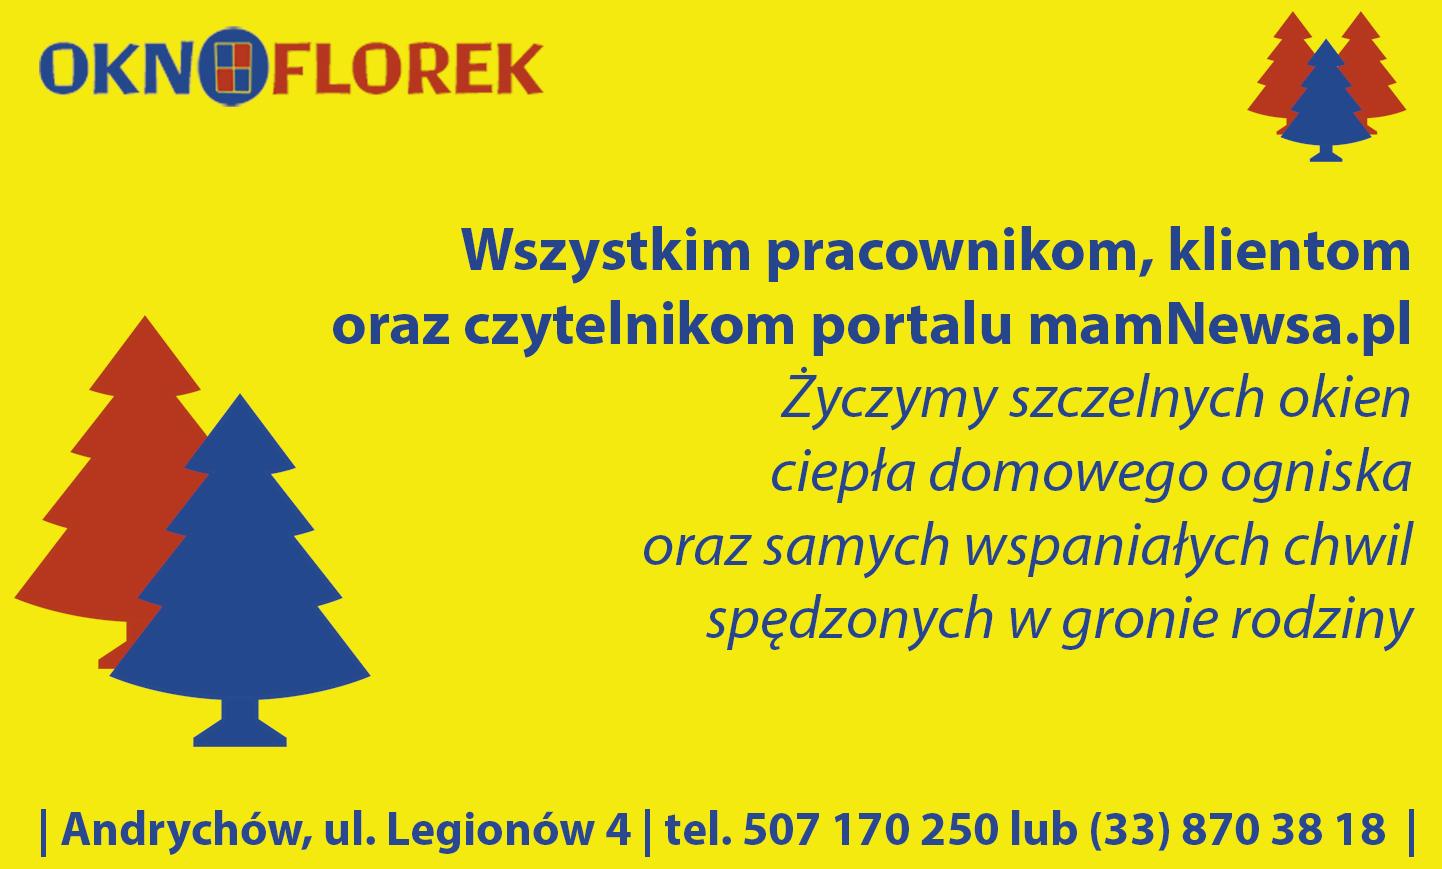 Życzenia świąteczne od firmy OKNO FLOREK z Andrychowa